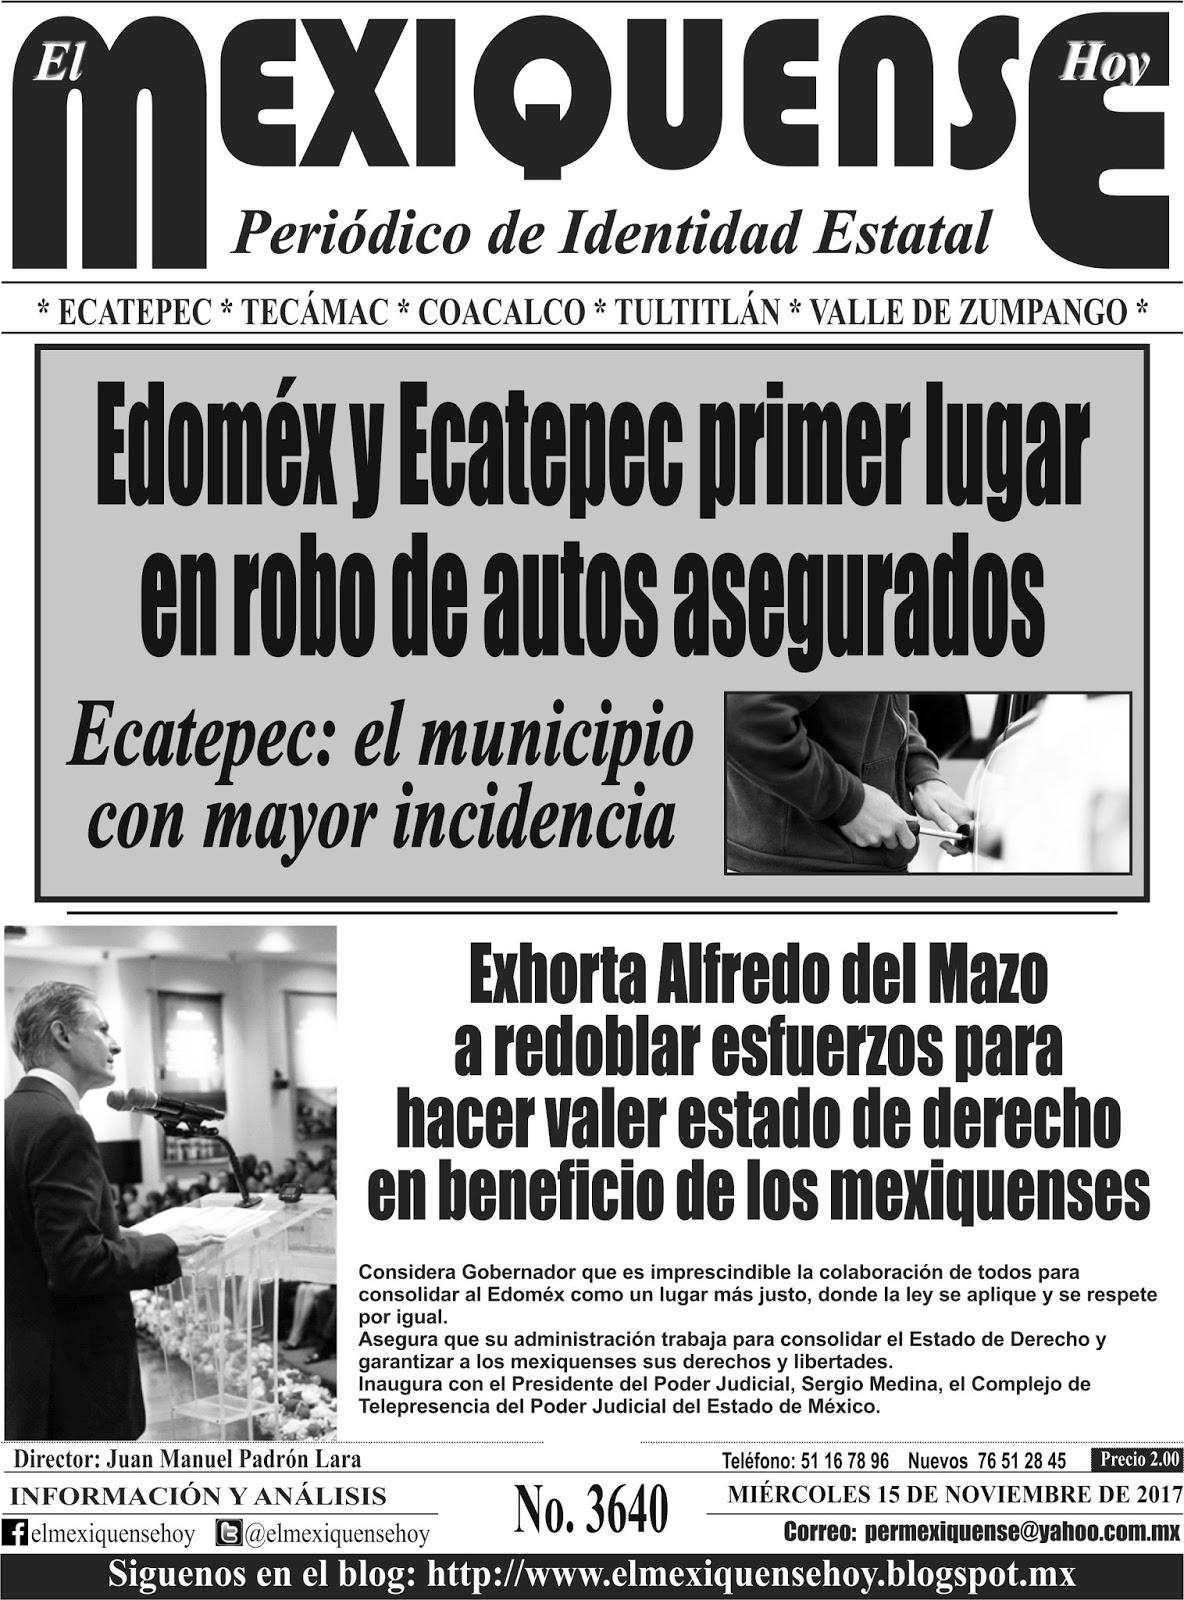 844fbea607 Por elmexiquensehoy a la s noviembre 15